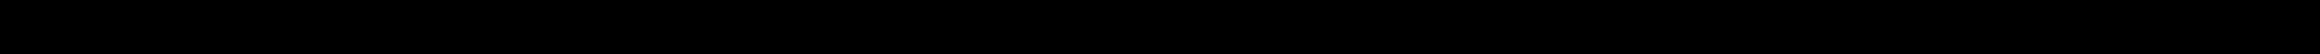 RIDEX 7O0005, 7O0005, 7O0005, 7O0005, 7O0005 Oliefilter